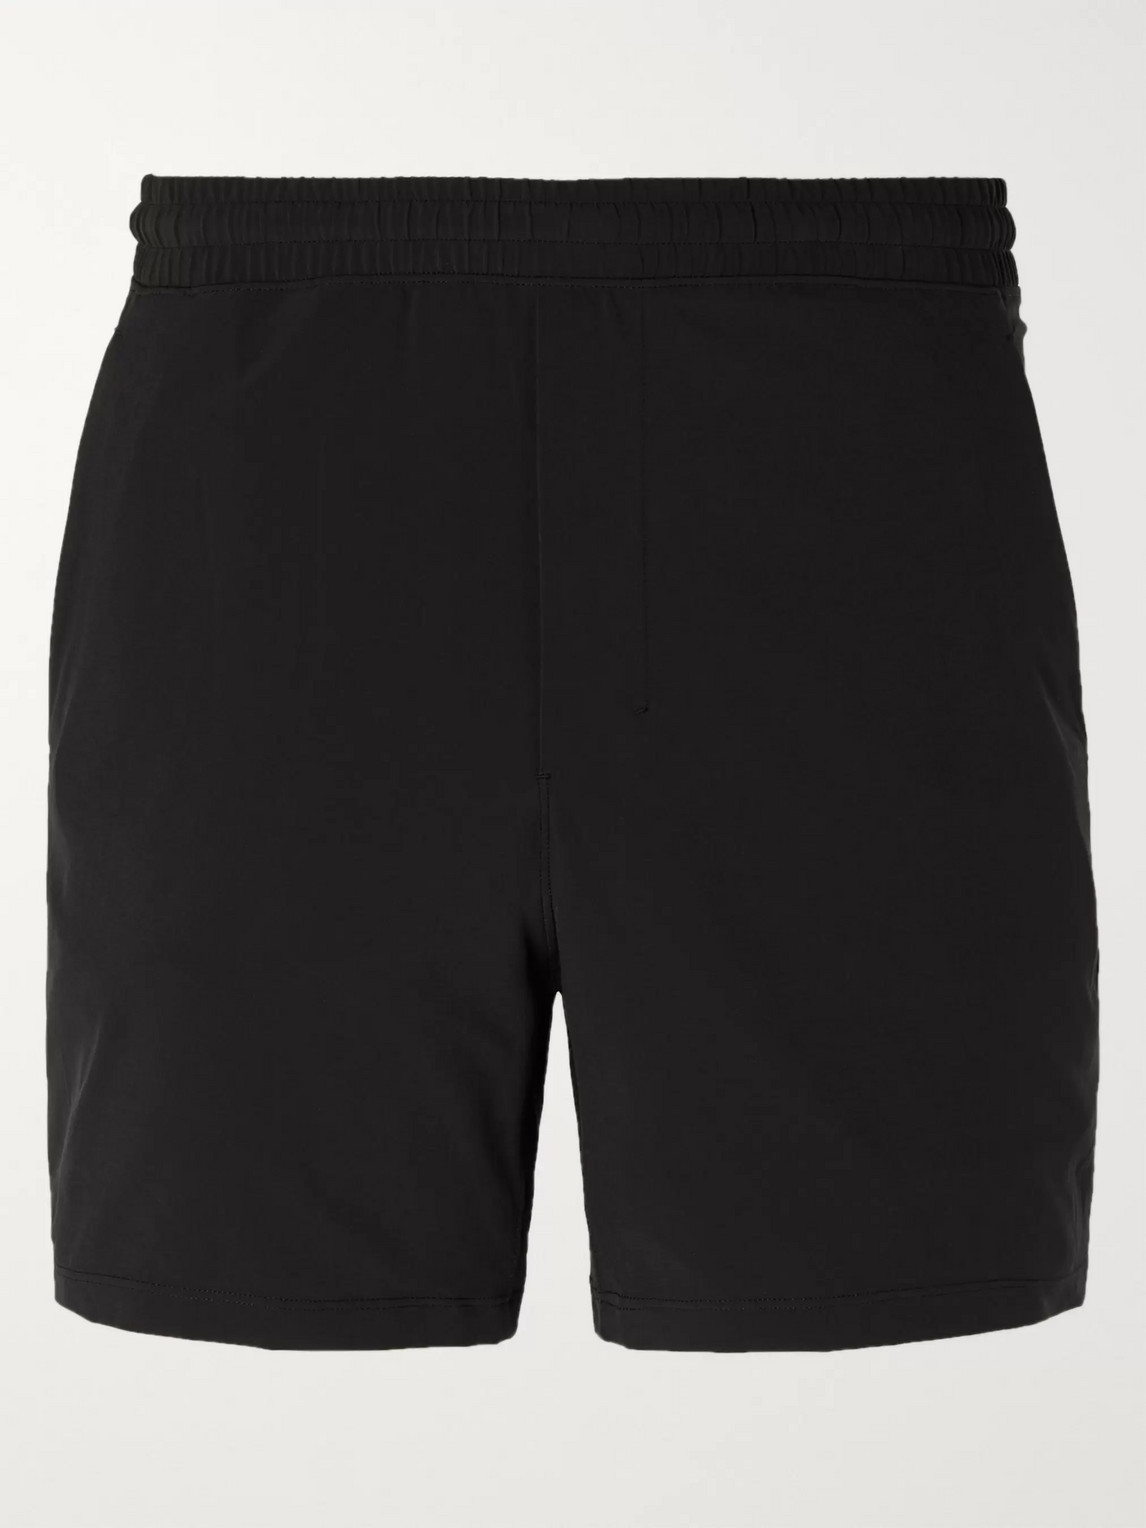 lululemon - pace breaker swift shorts - men - black